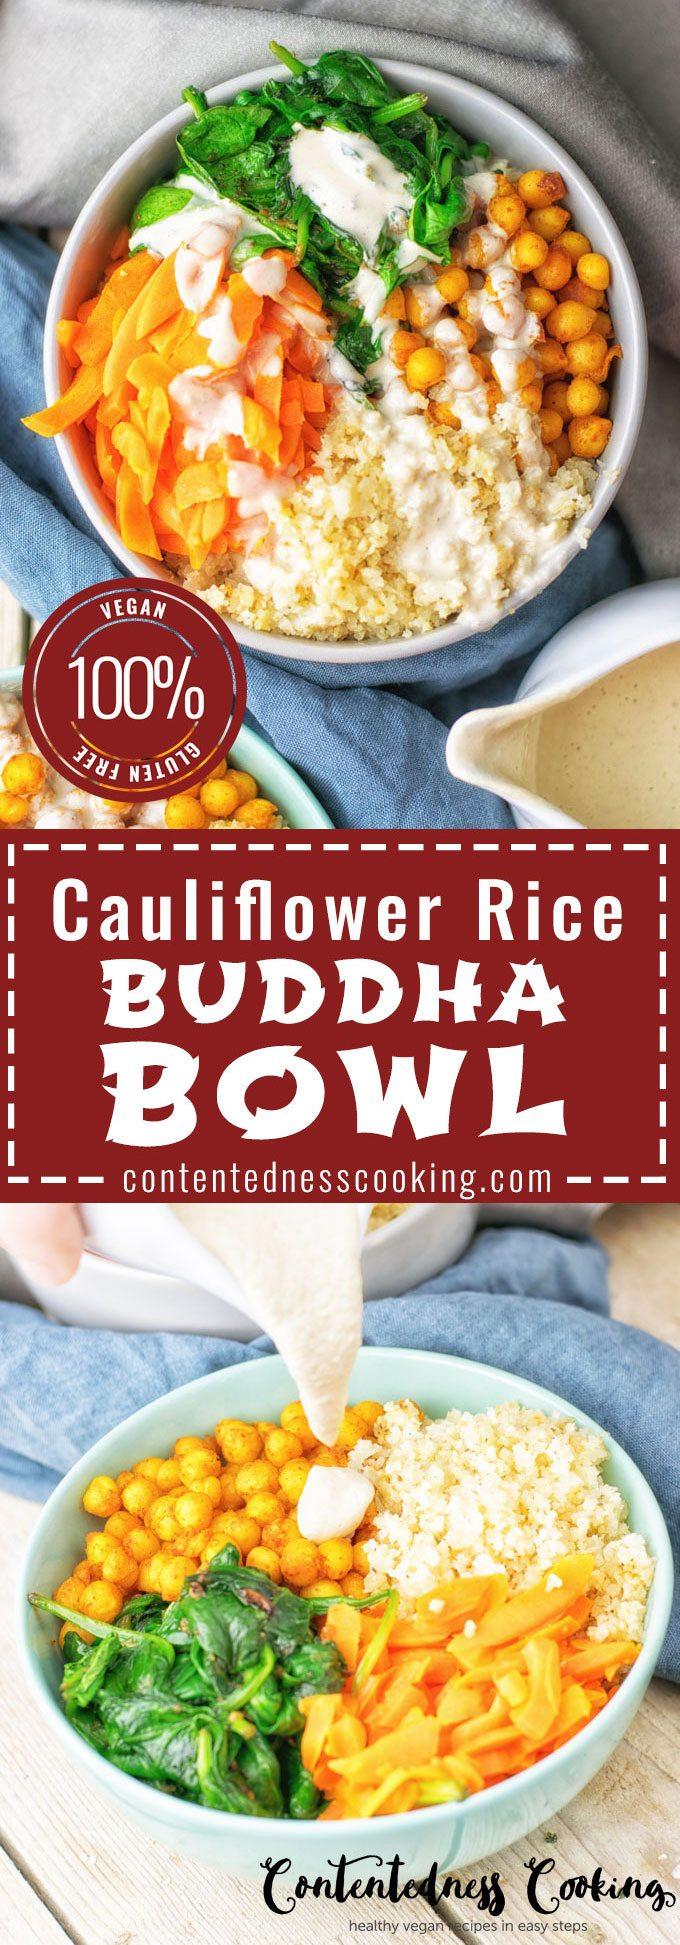 Cauliflower Rice Buddha Bowl | #vegan #glutenfree #contentednesscooking